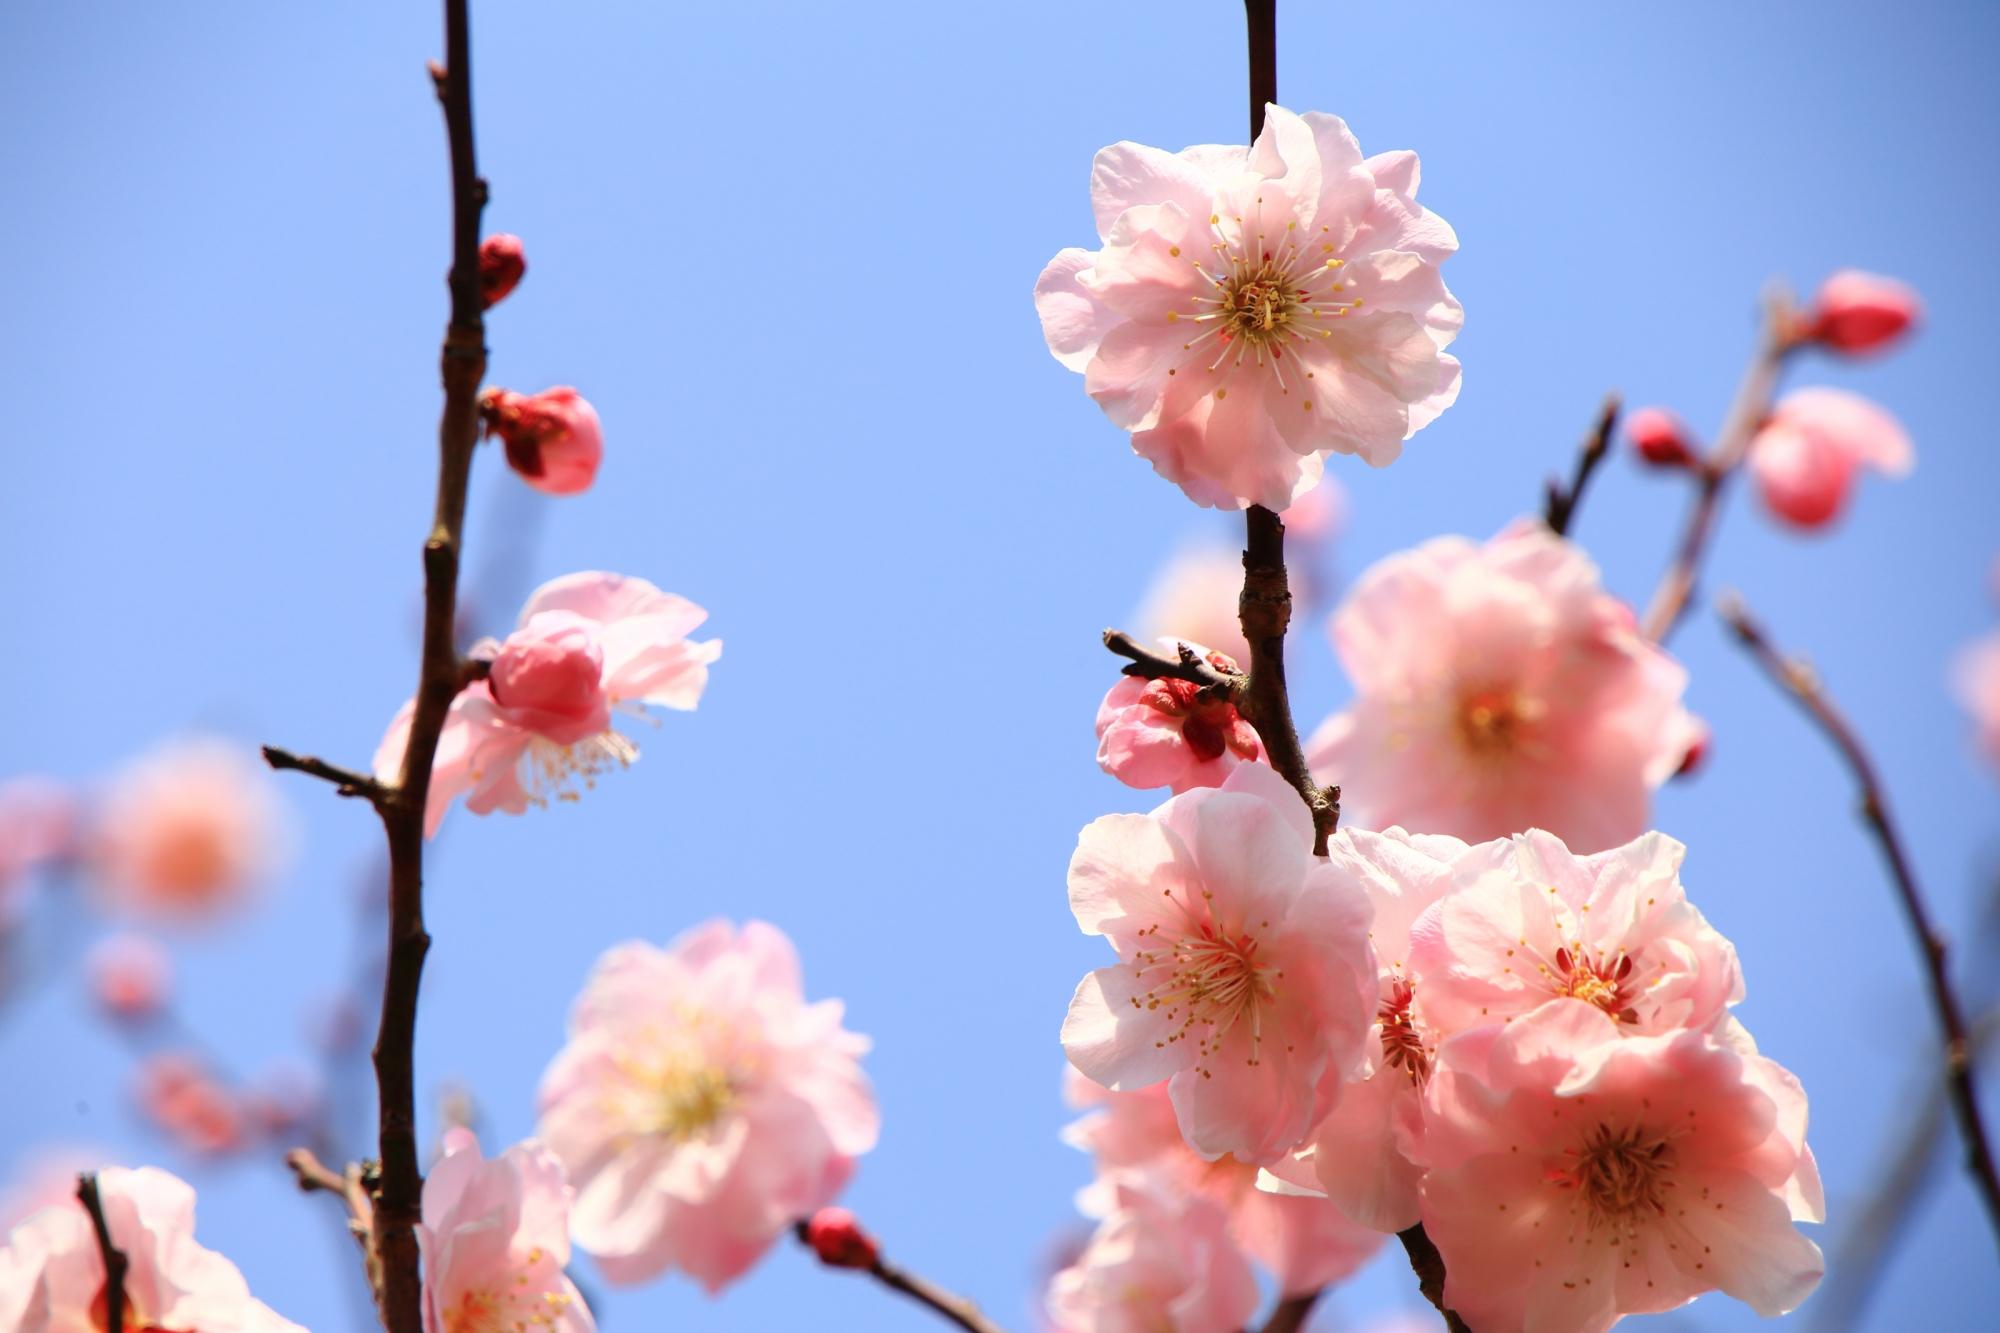 青空に透き通るような淡いピンクの梅の花